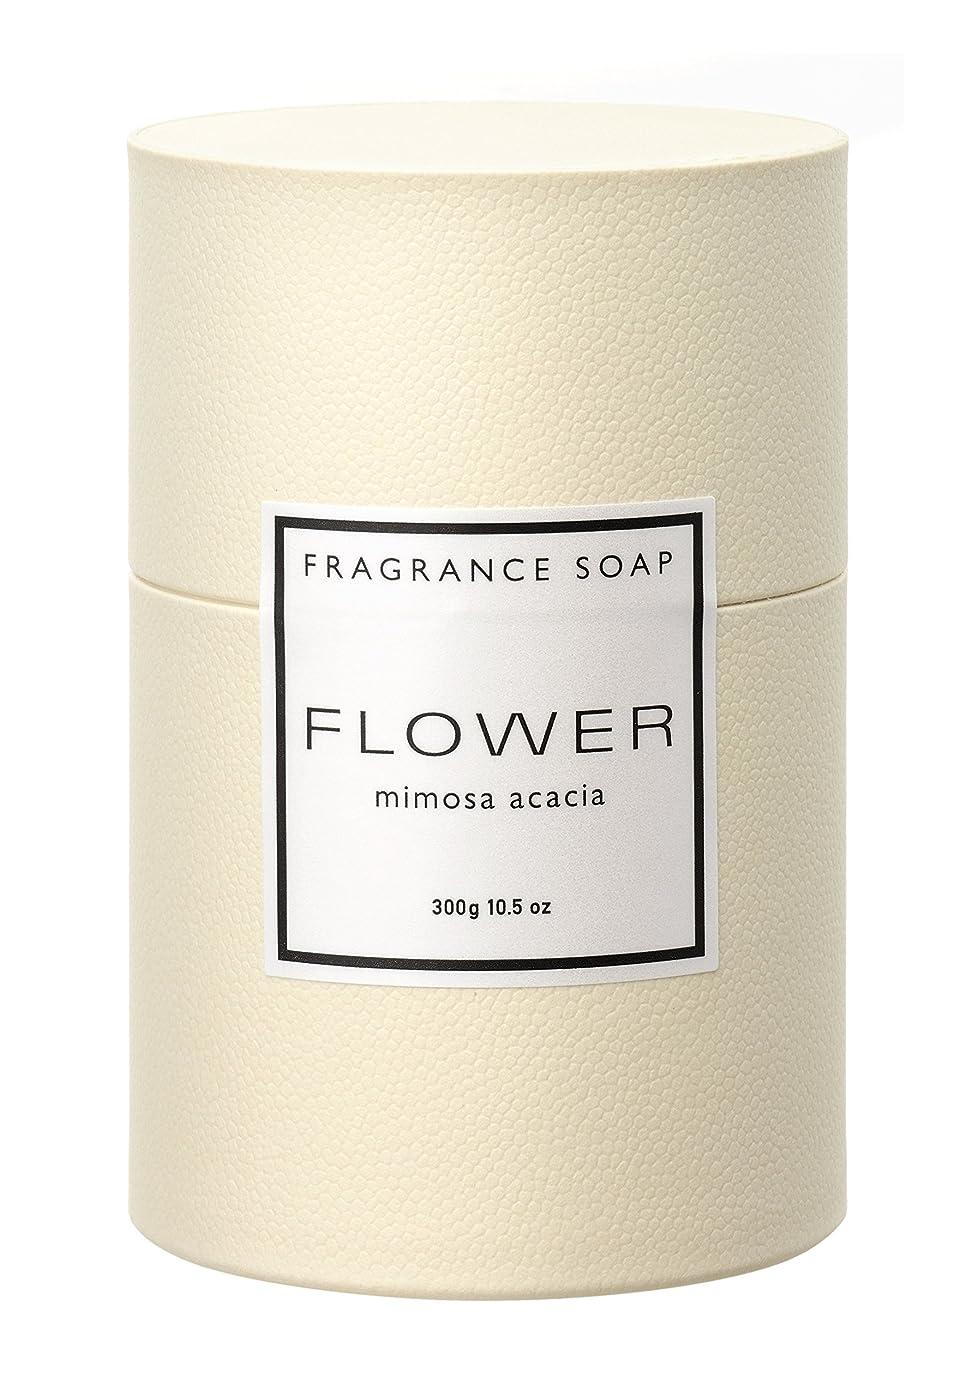 熱意寝る不安タマノハダ フラワー フレグランスソープ ミモザアカシア 100g×3